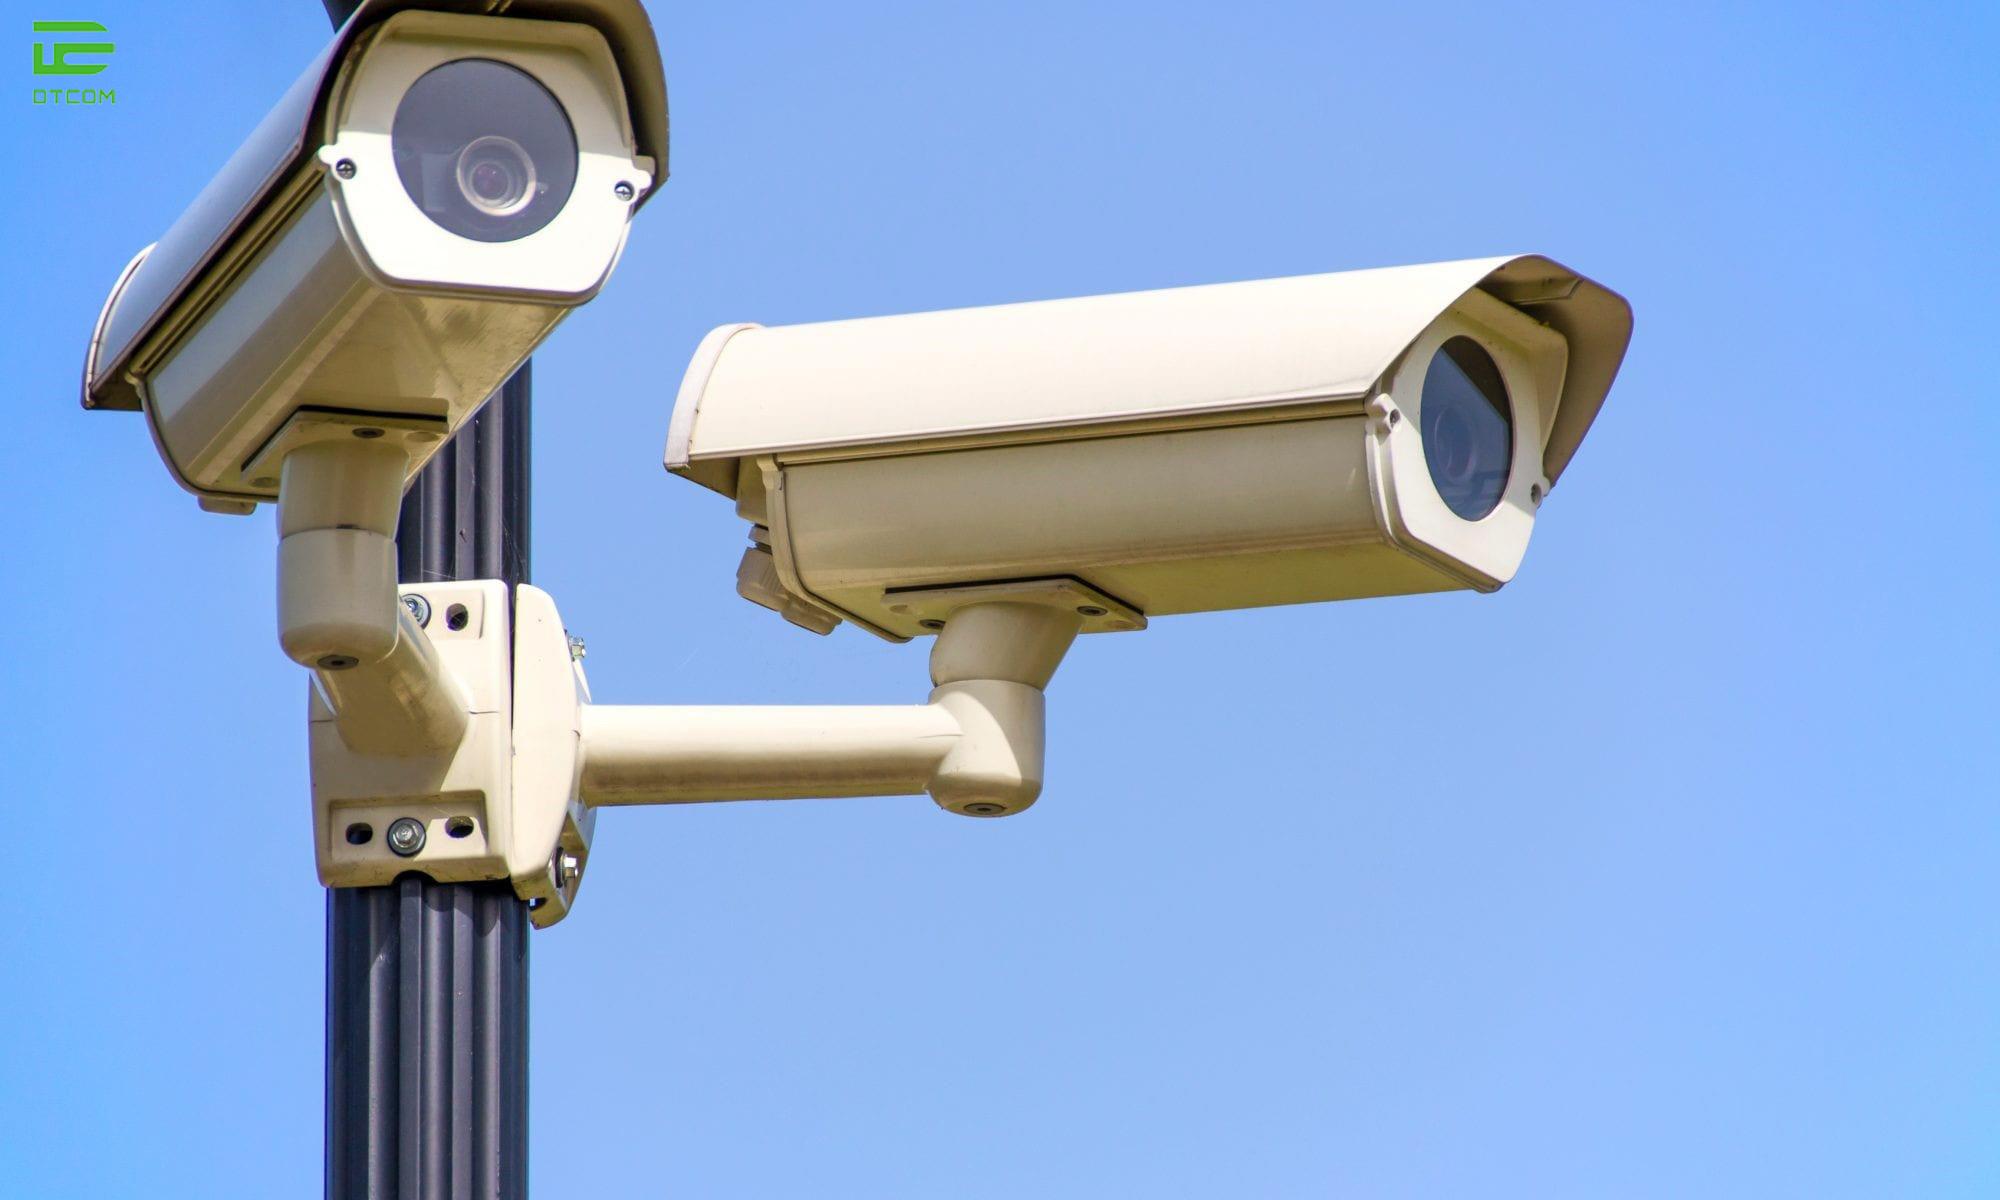 Nhận Thi Công Lắp Đặt Camera Với Giá Tốt Nhất Tại TPHCM